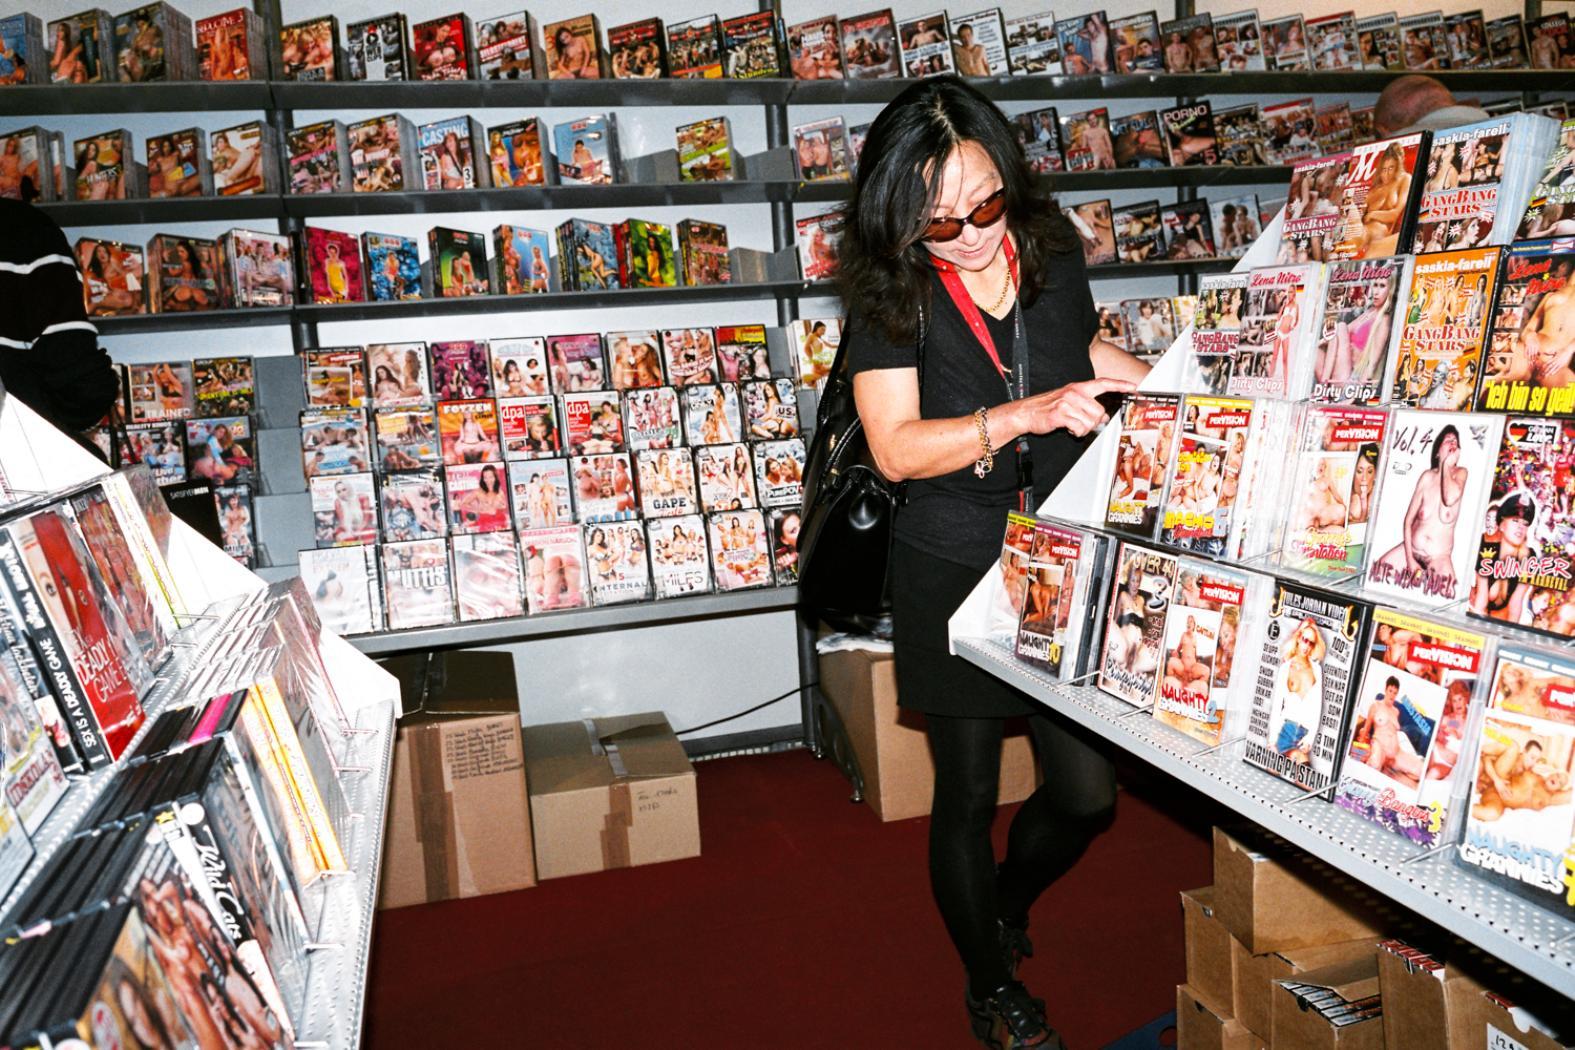 Mum browsing through the DVD shop.